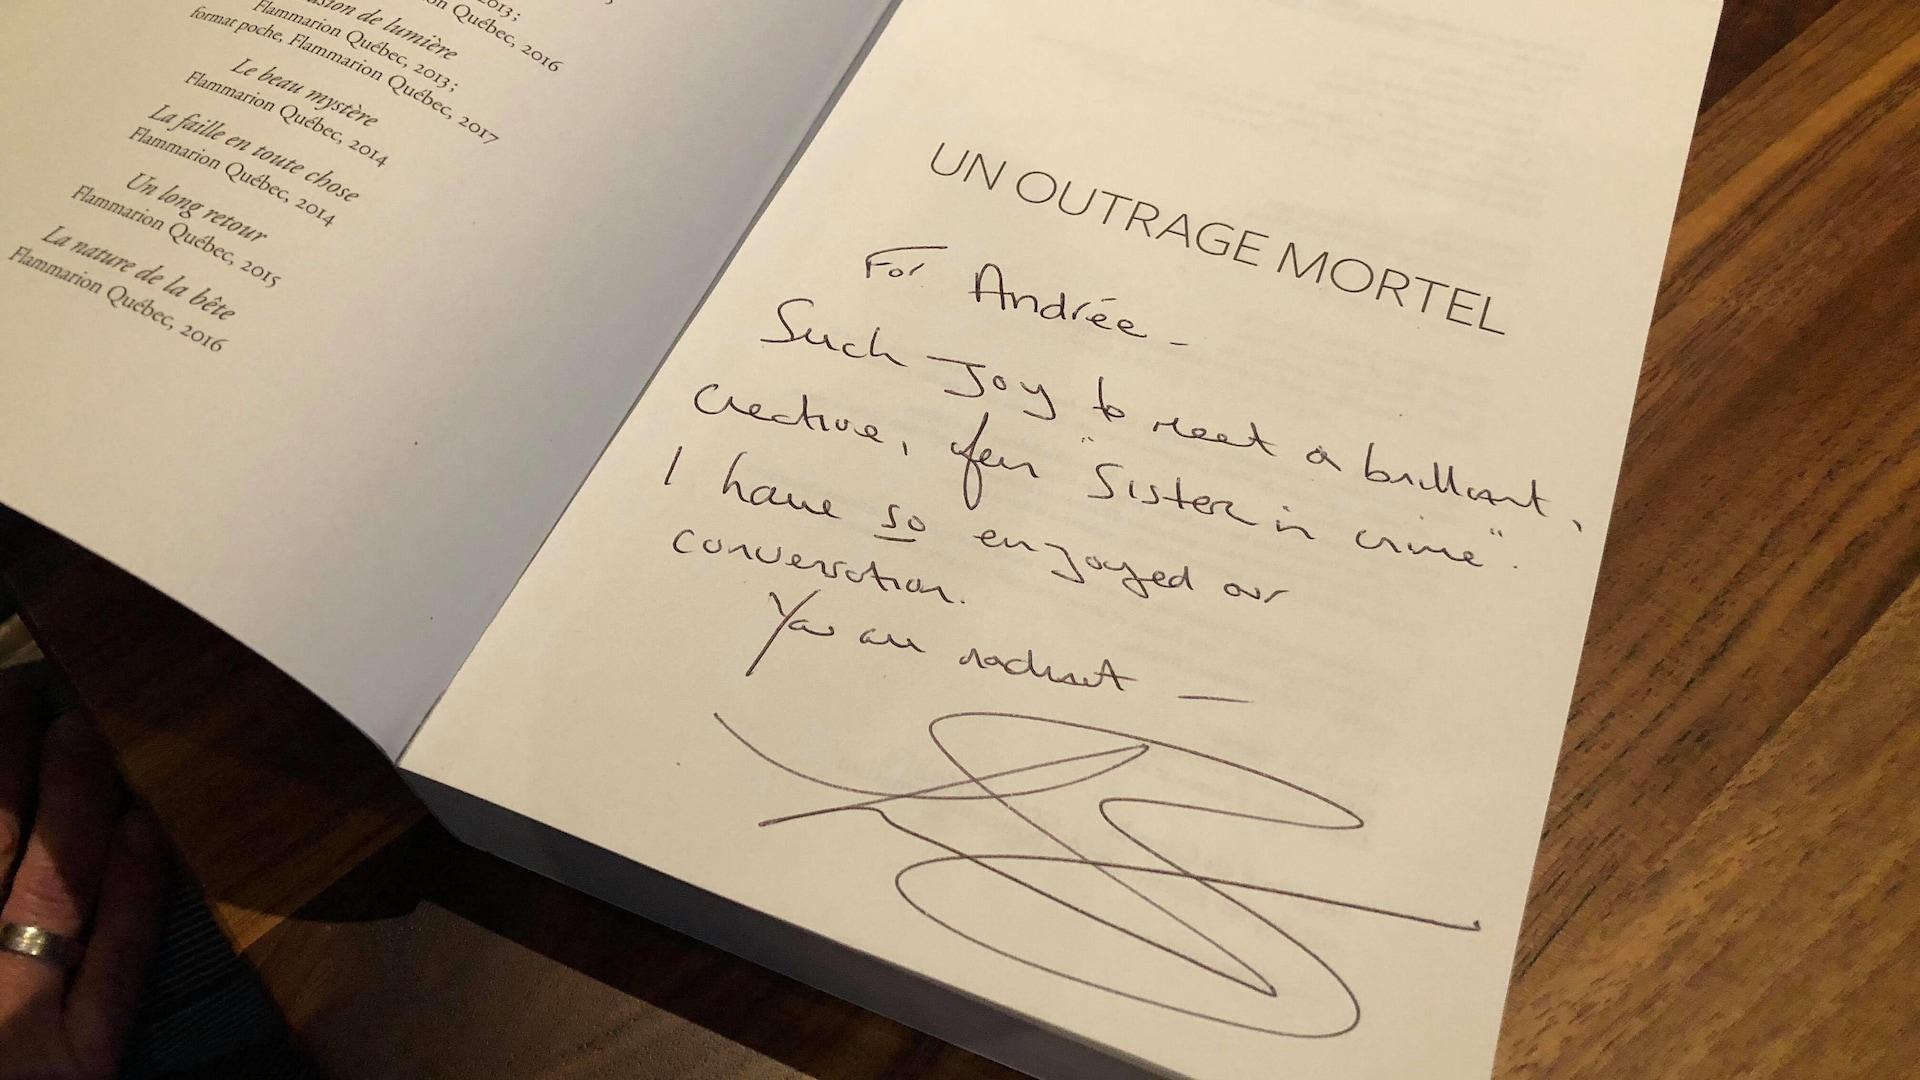 Les auteures Andrée A. Michaud et Louise Penny sont toutes les deux invitées d'honneur du Salon du livre de Montréal 2017